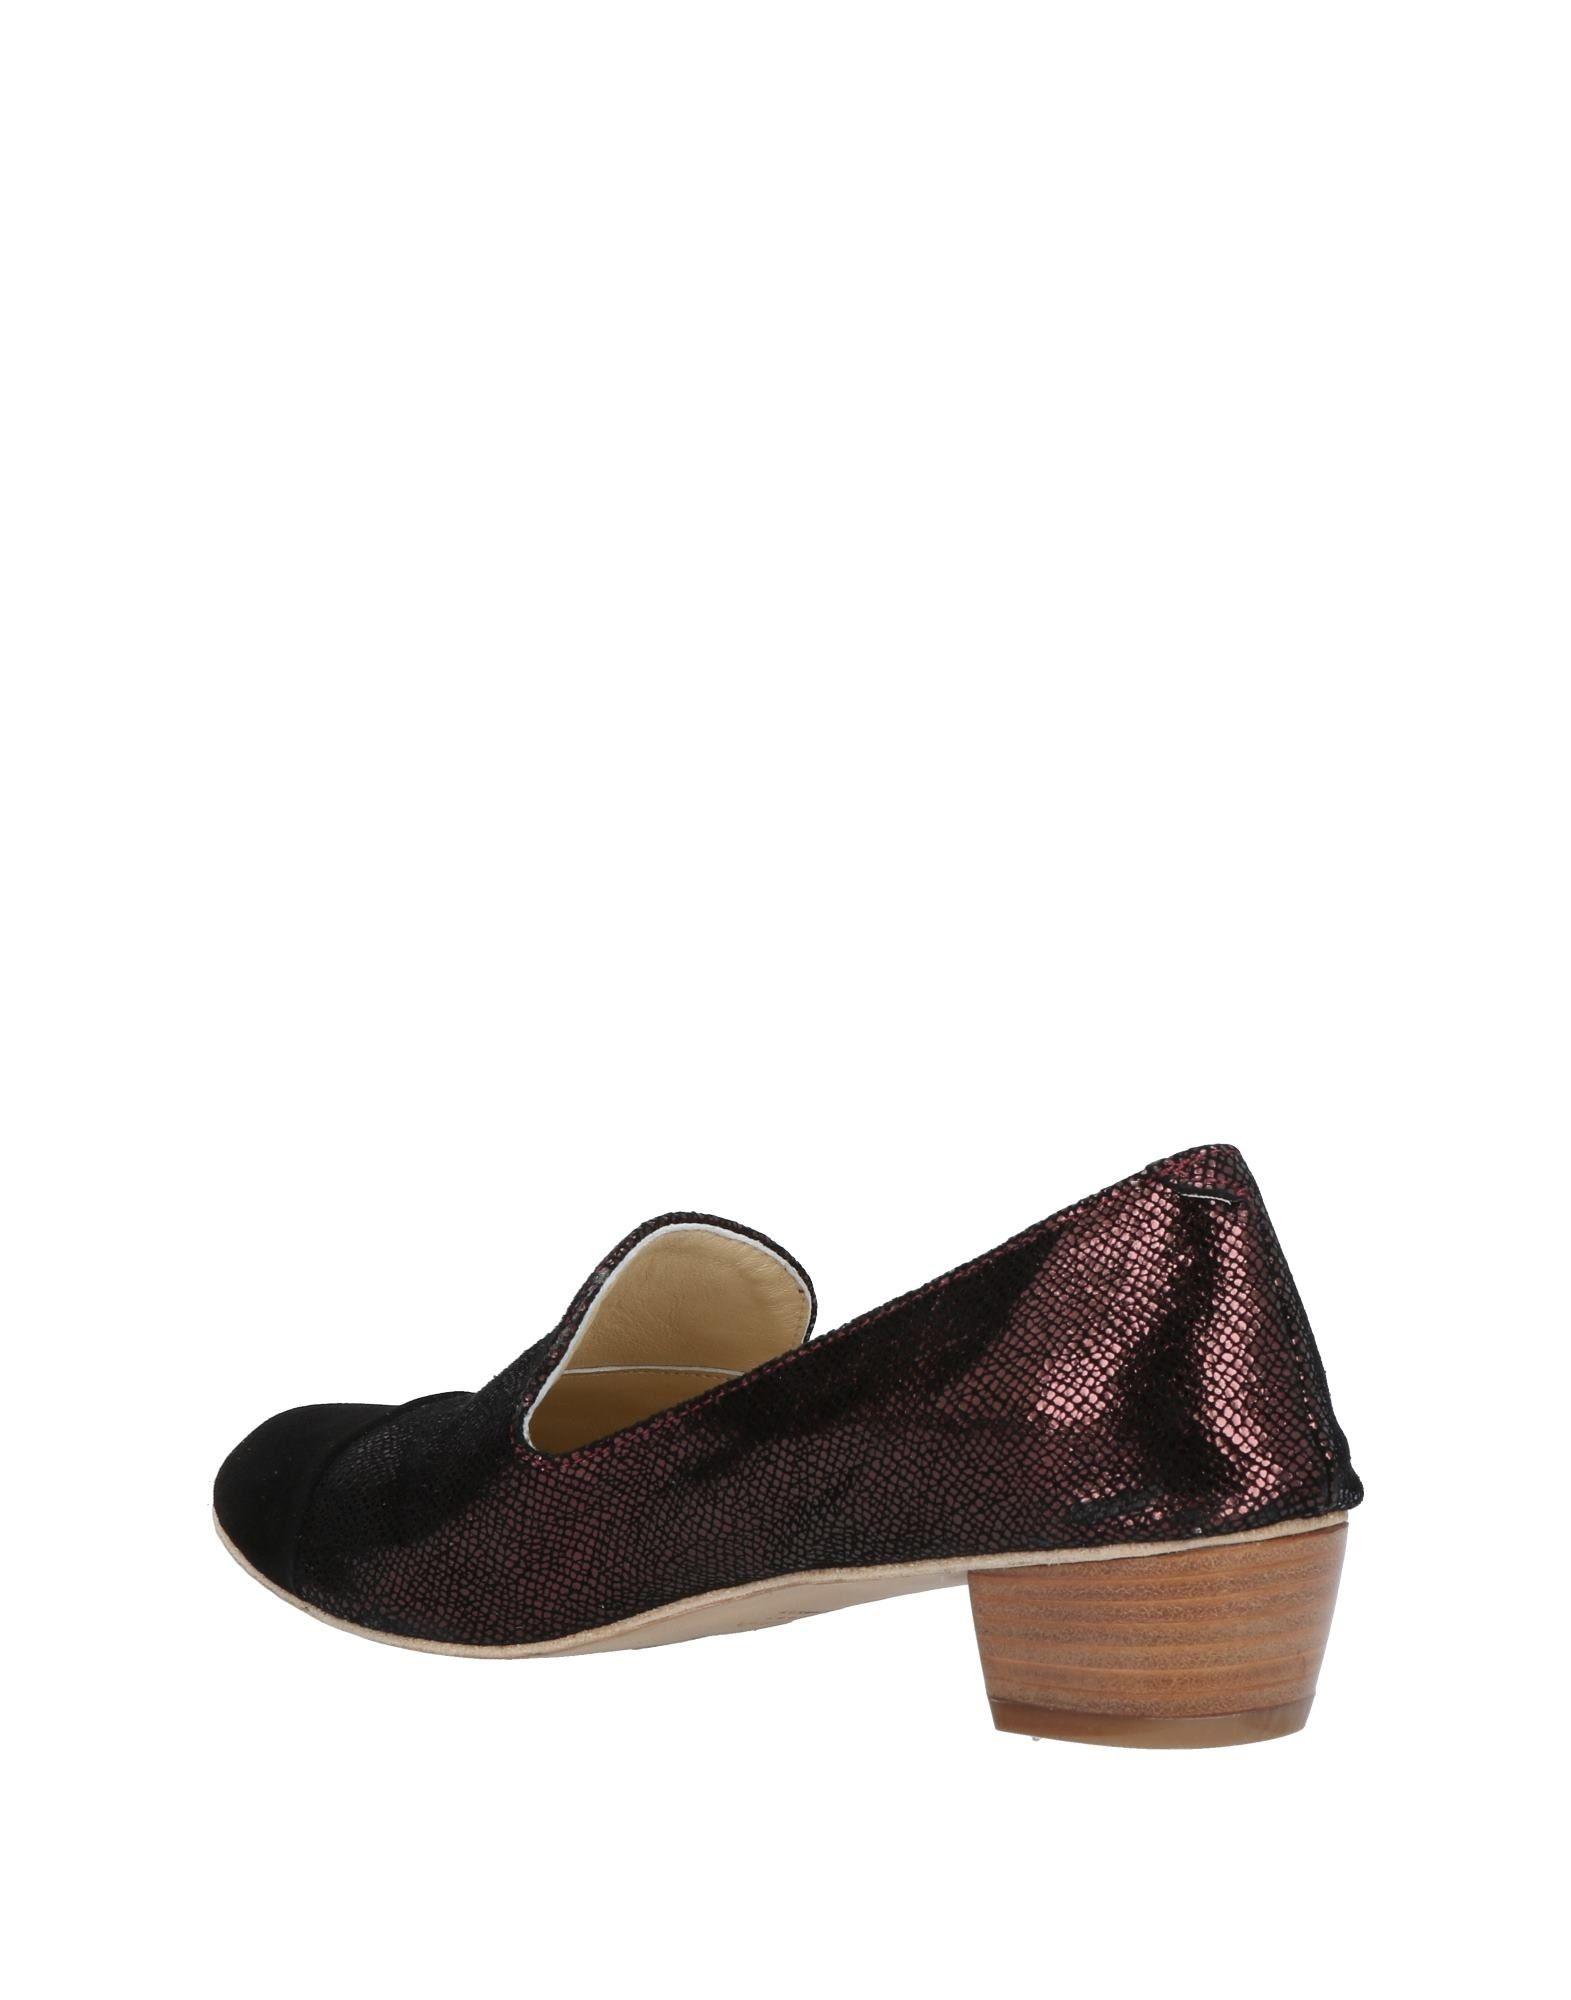 Kudetà  Mokassins Damen  Kudetà 11434185IA Gute Qualität beliebte Schuhe a6623e